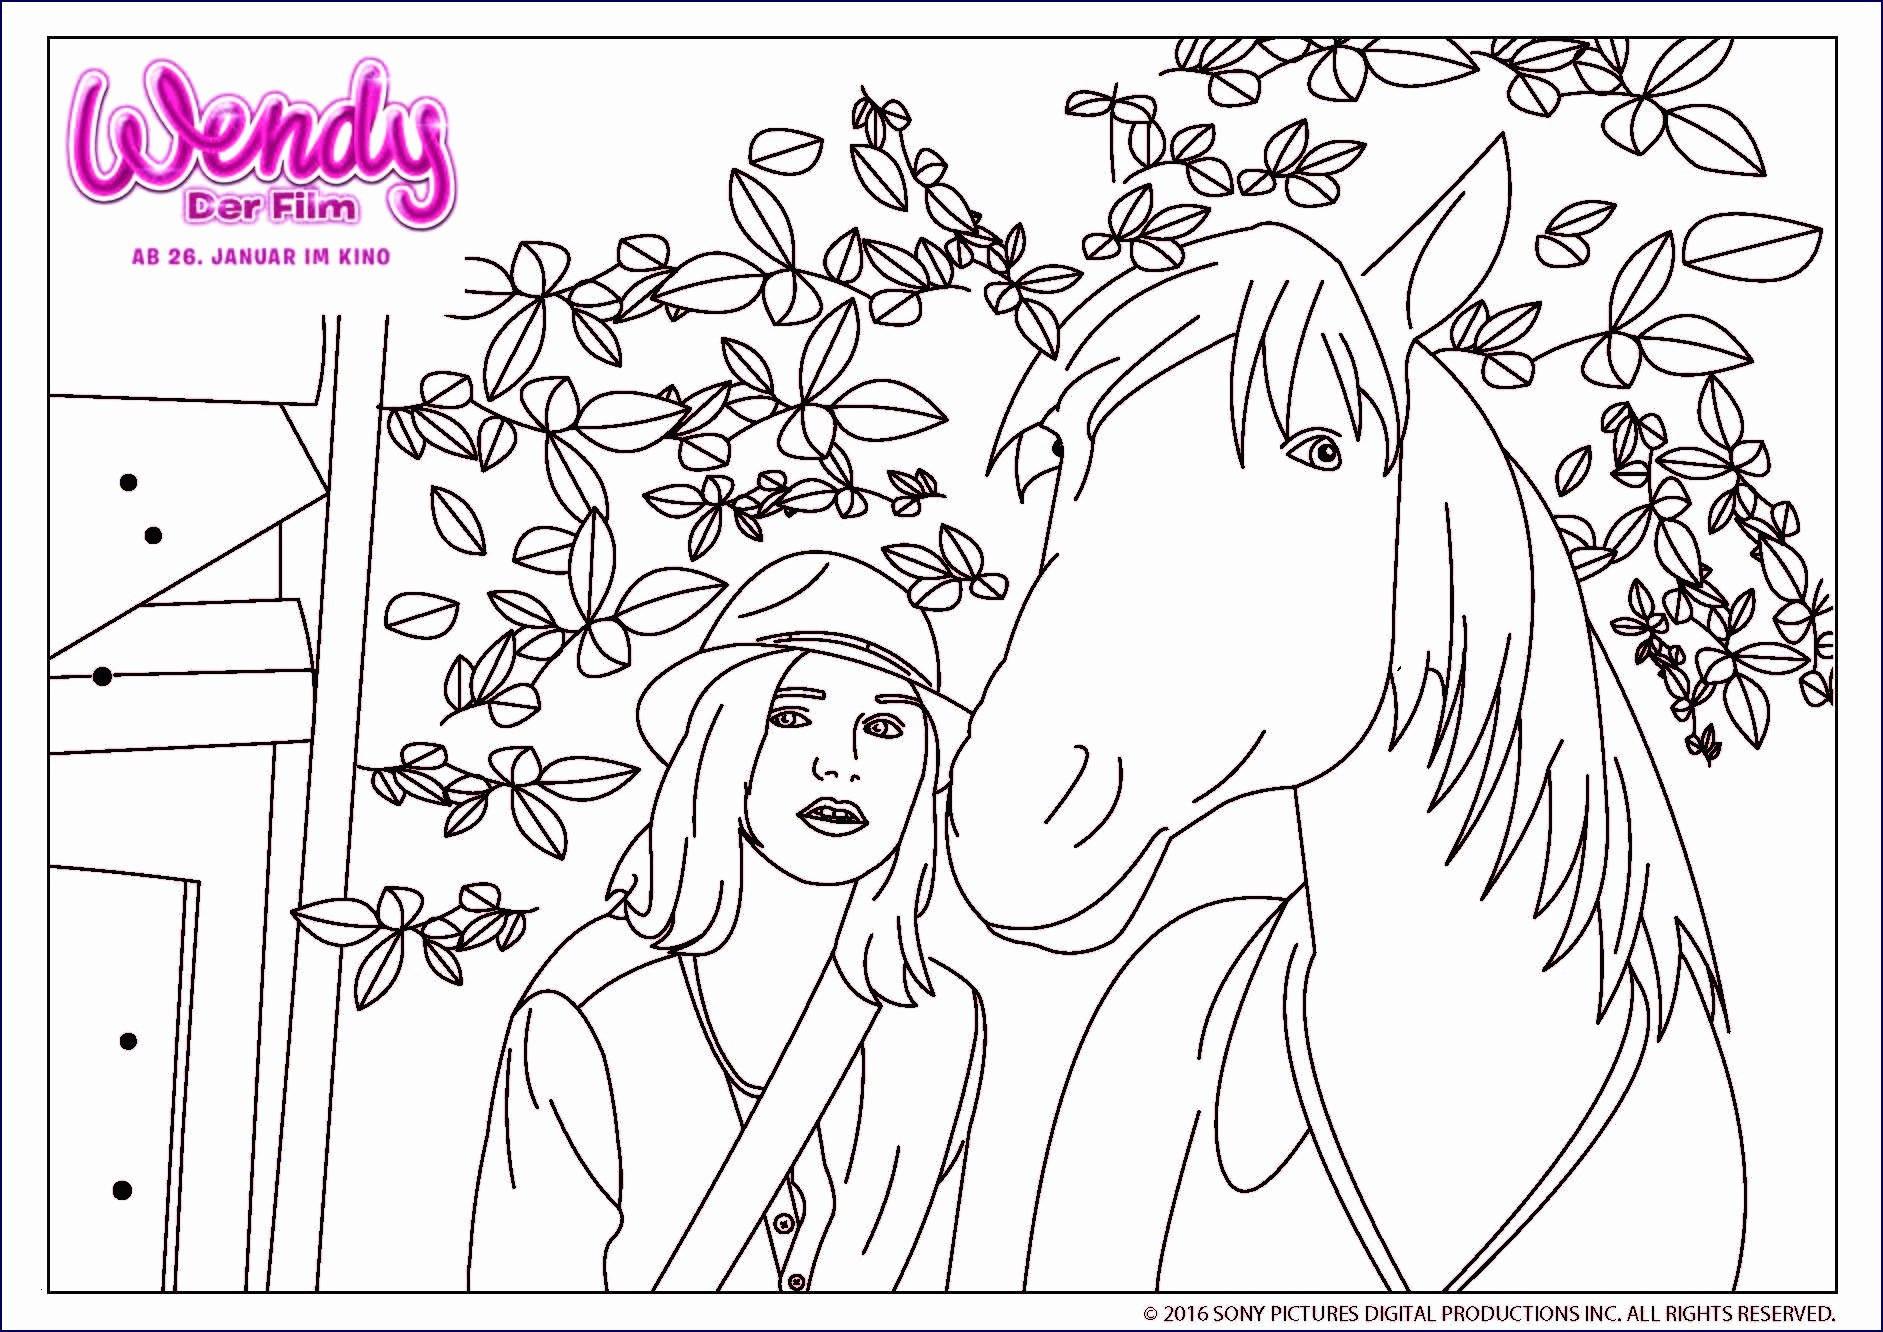 Mandala Bibi Und Tina Inspirierend Malvorlagen Igel Best Igel Grundschule 0d Archives Uploadertalk Das Bild